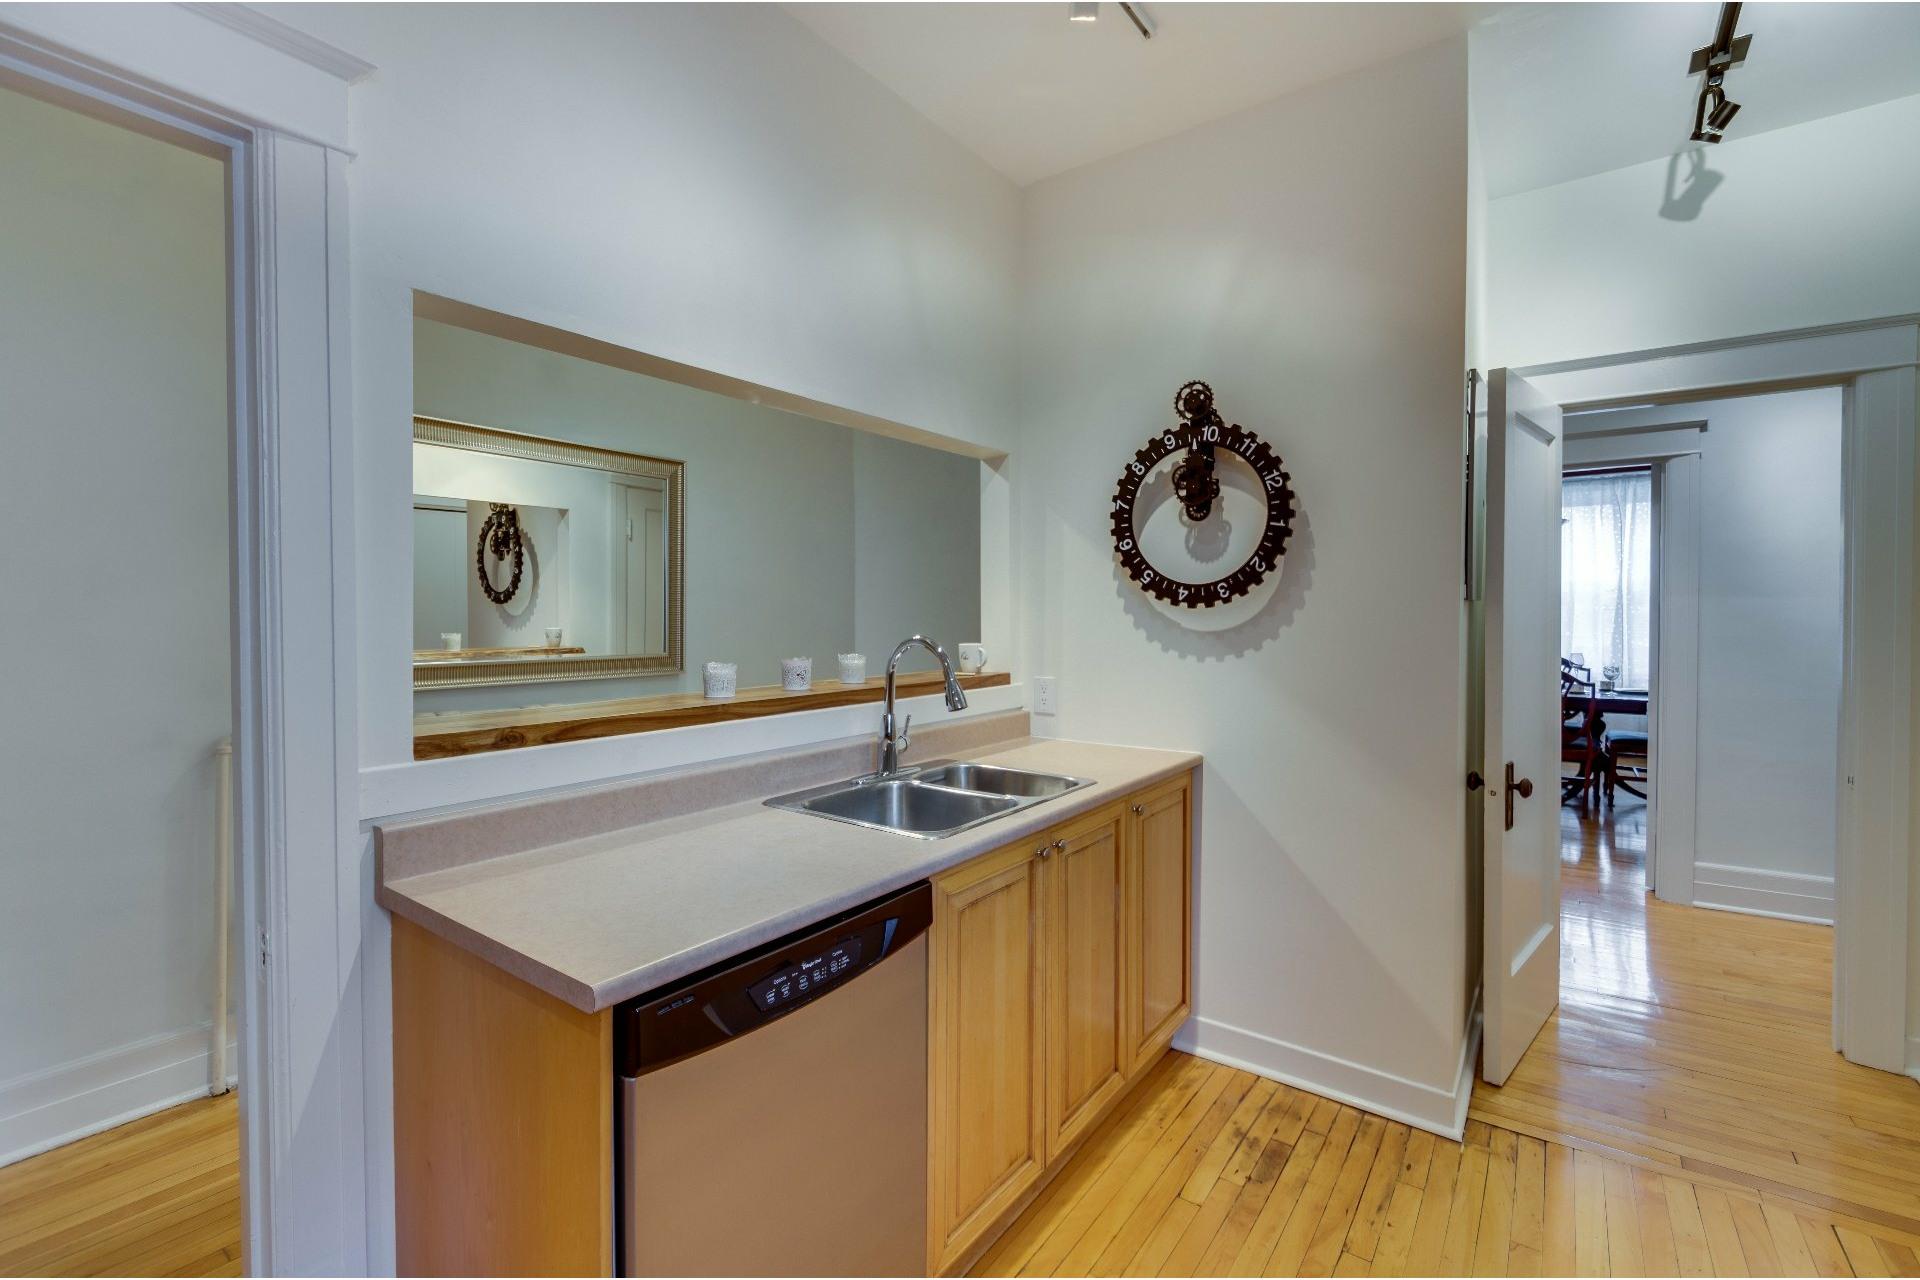 image 8 - Apartment For sale Côte-des-Neiges/Notre-Dame-de-Grâce Montréal  - 7 rooms